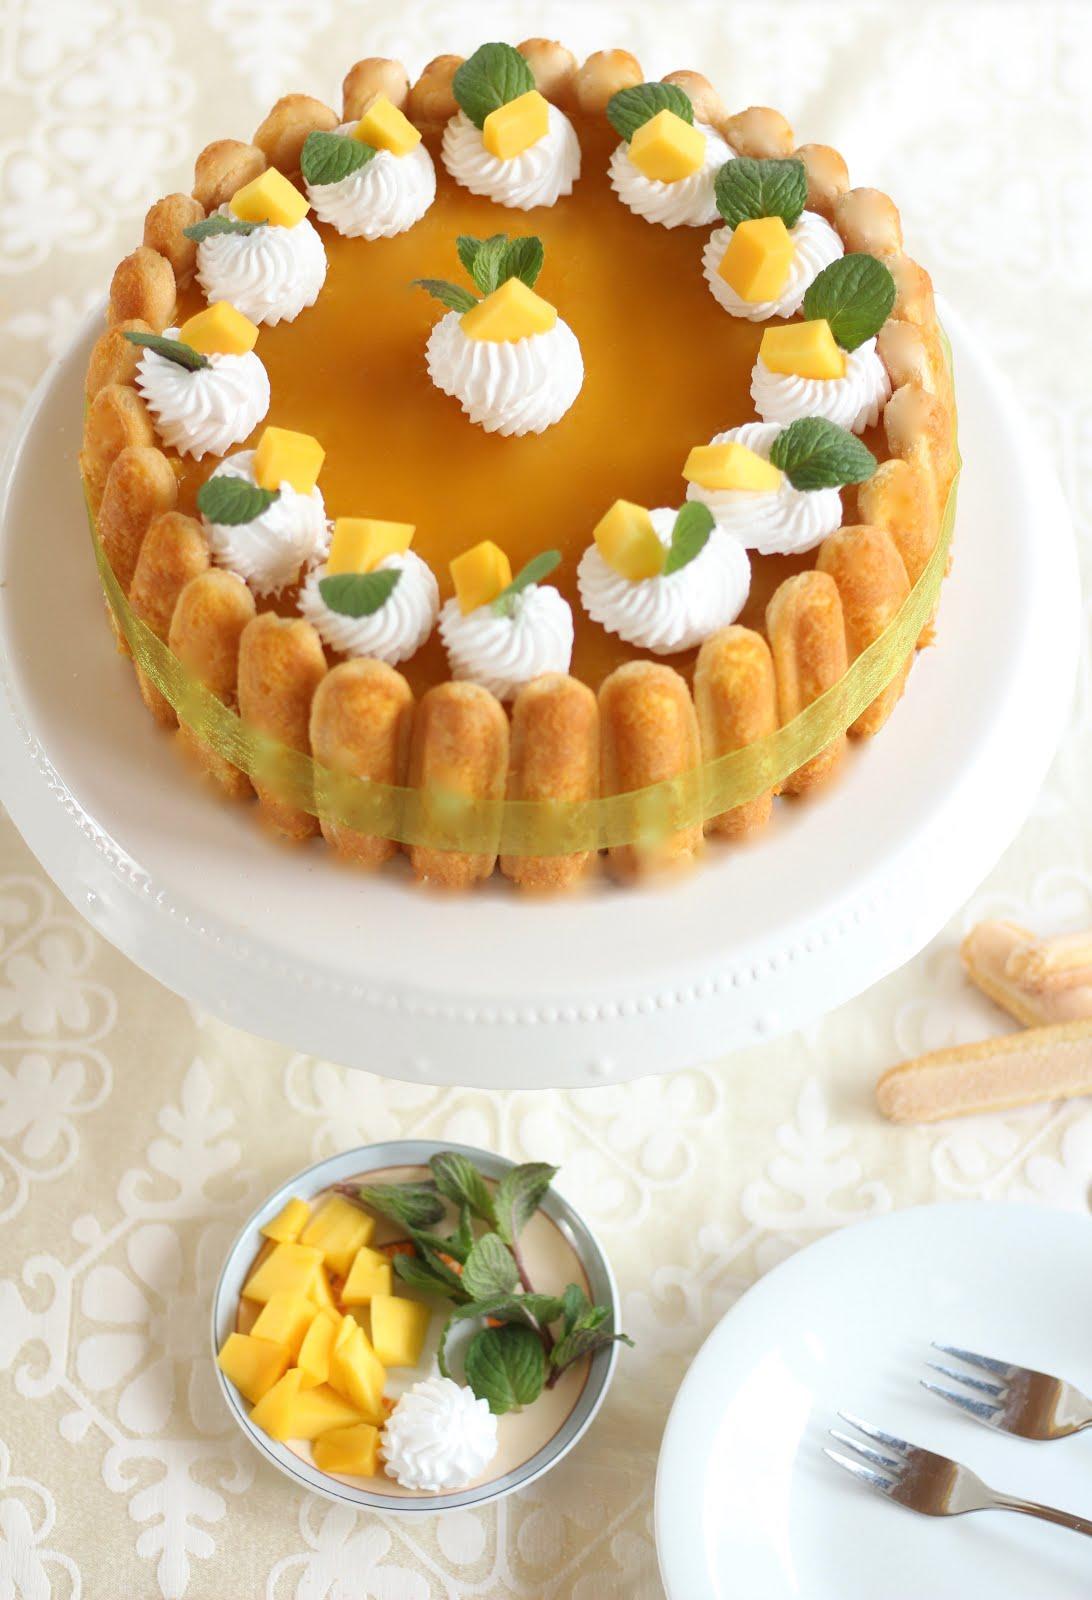 Schneller No Bake Mango Cheesecake / Leckere Mango Charlotte ohne Backen | Rezept und Video von Sugarprincess